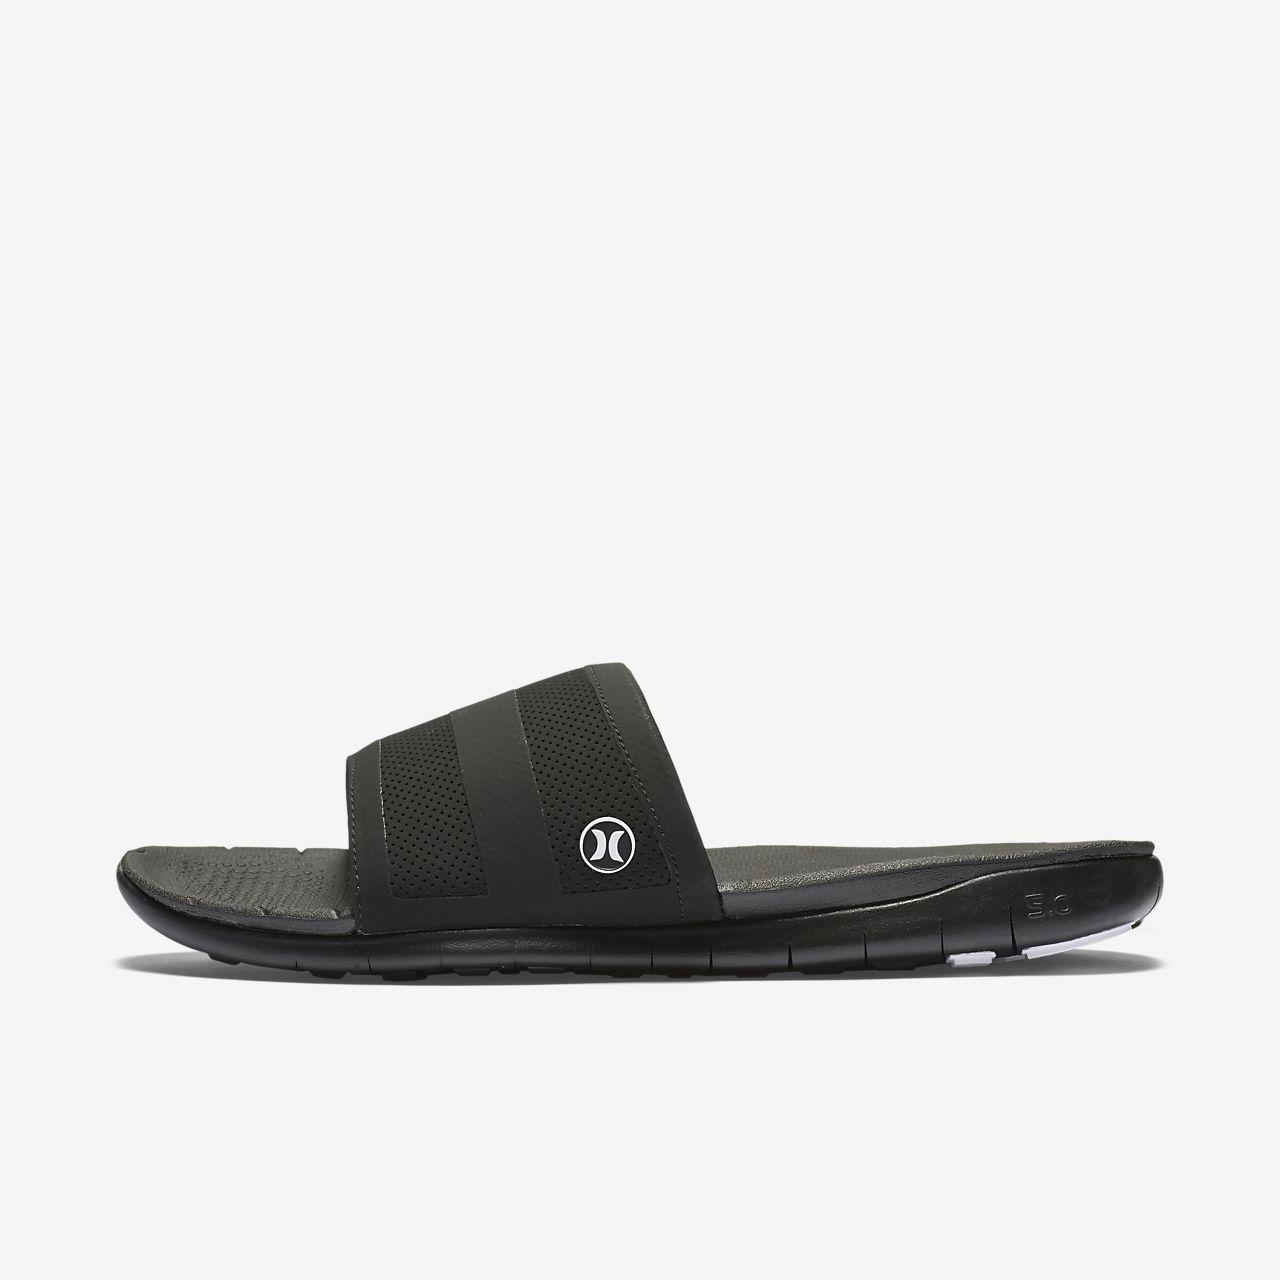 ... Hurley Phantom Free Slide Men's Sandal